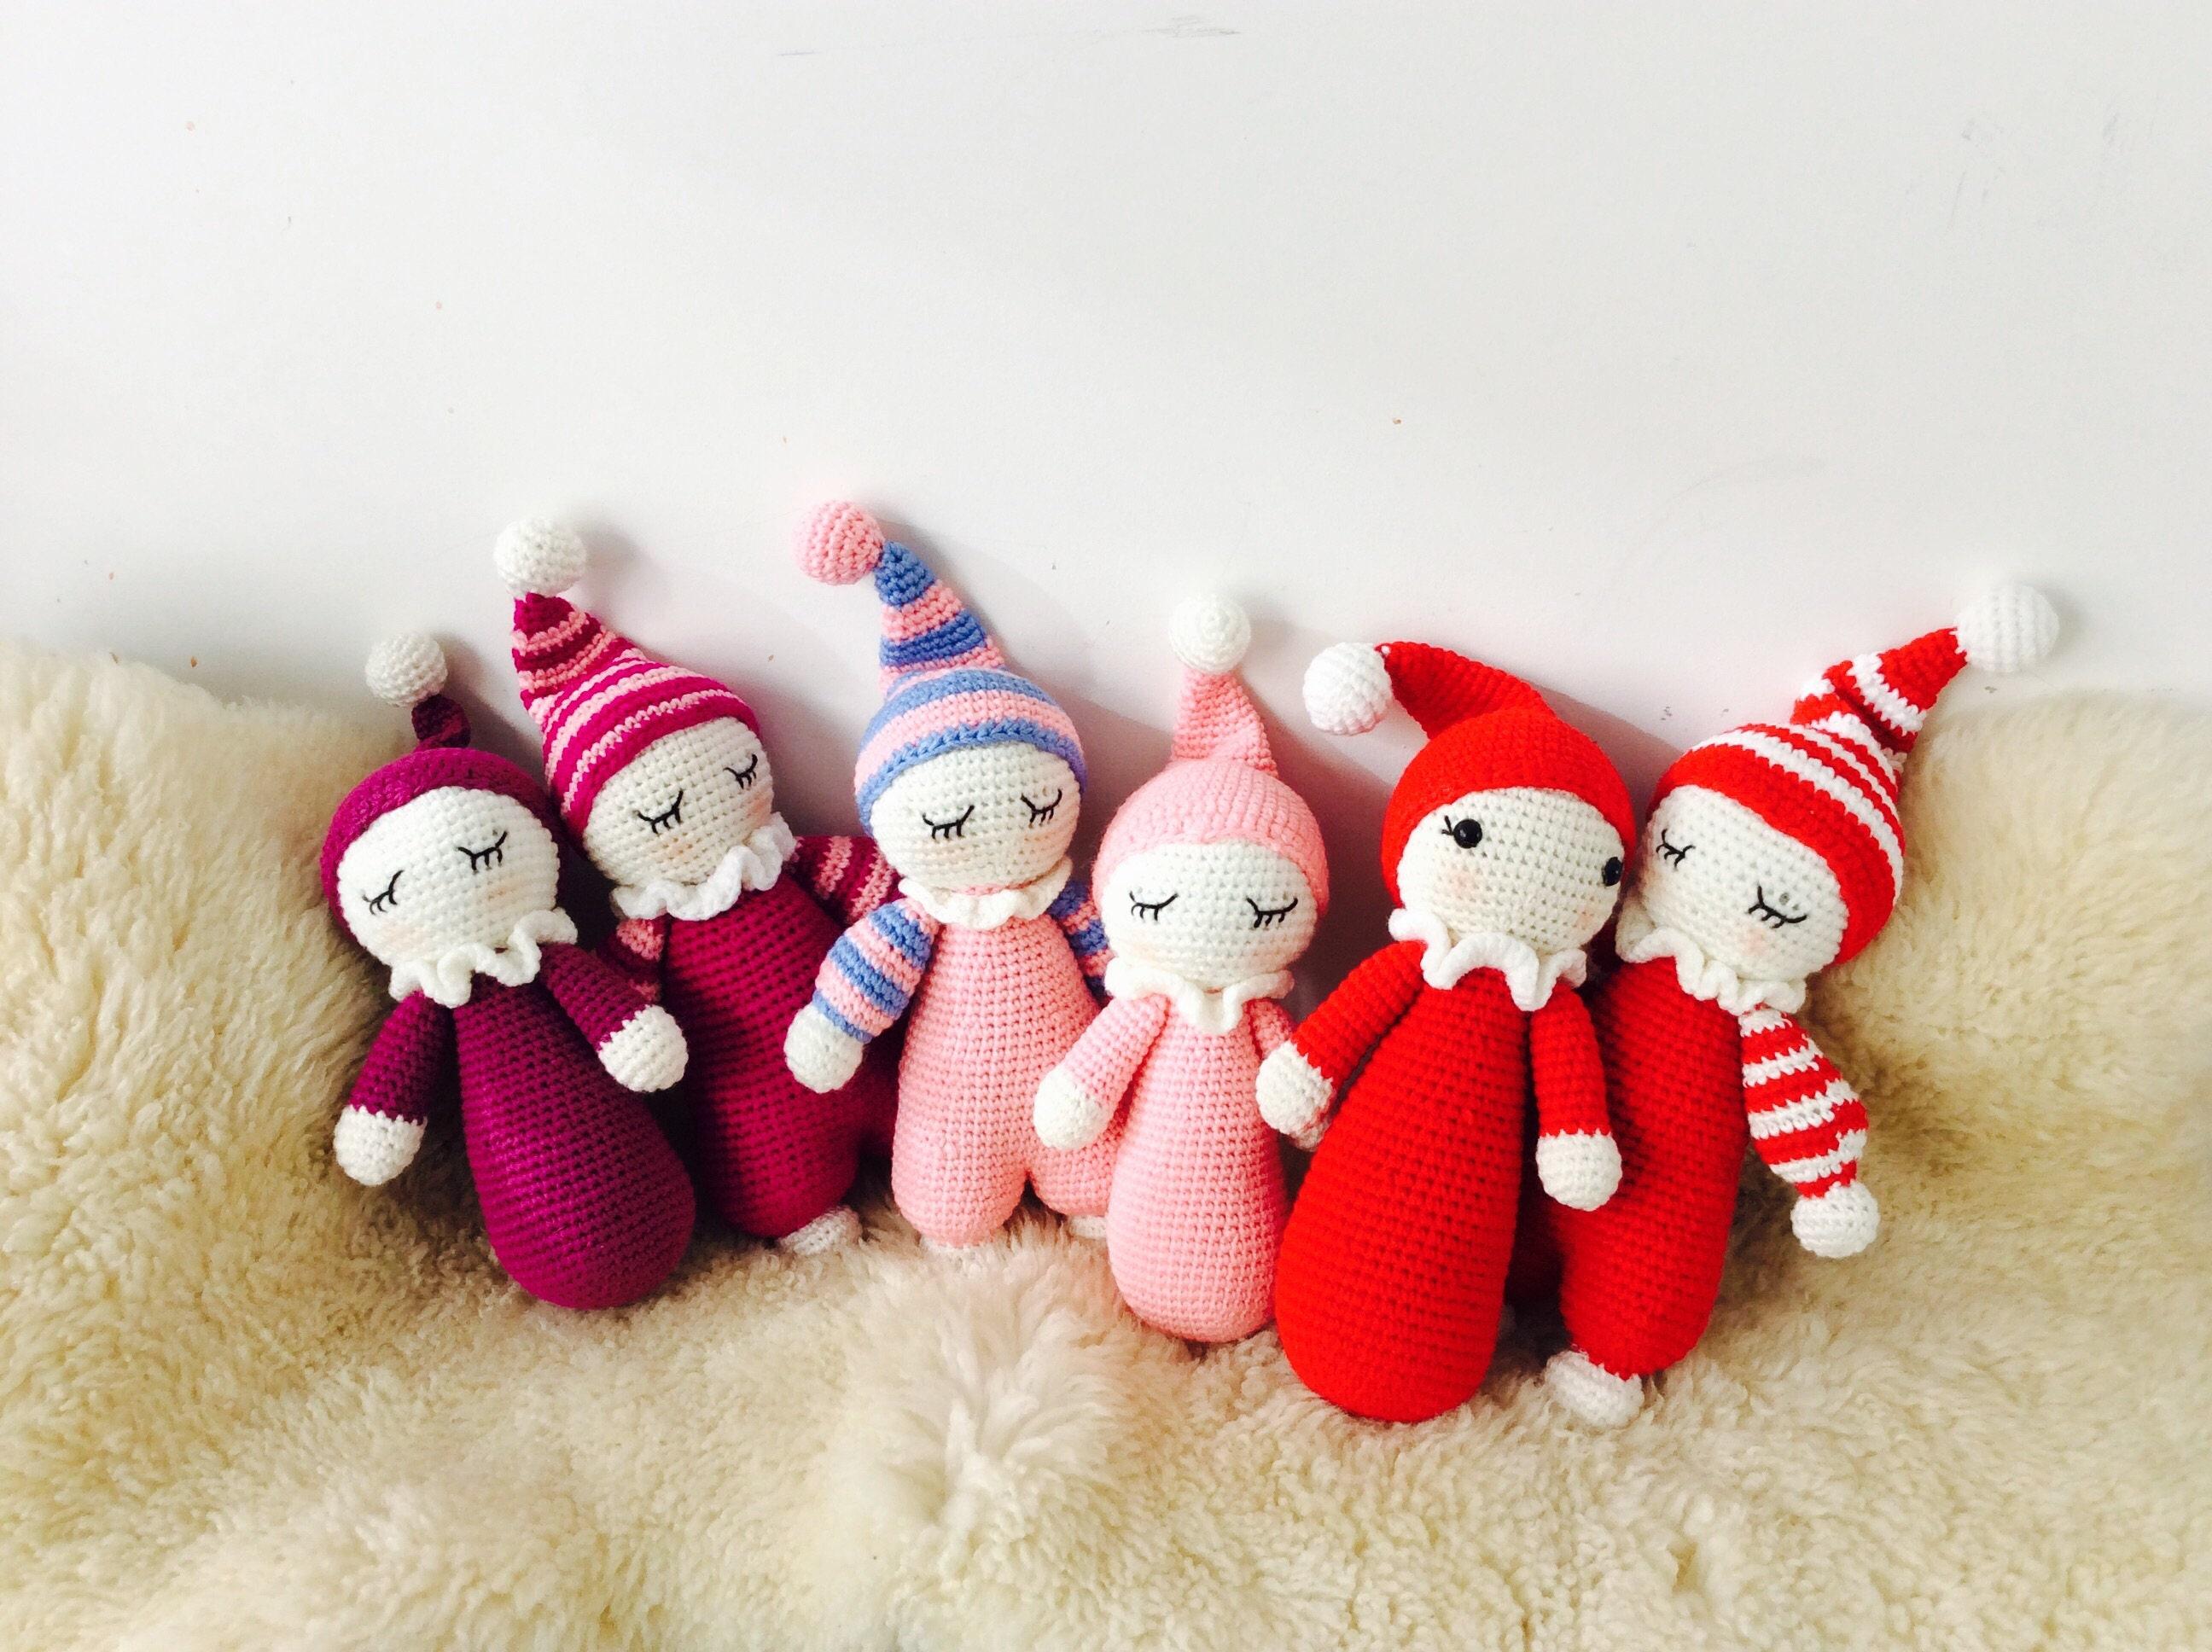 SALE 20%OFF: Cuddly Baby Crocheted Amigurumi Cuddly Doll